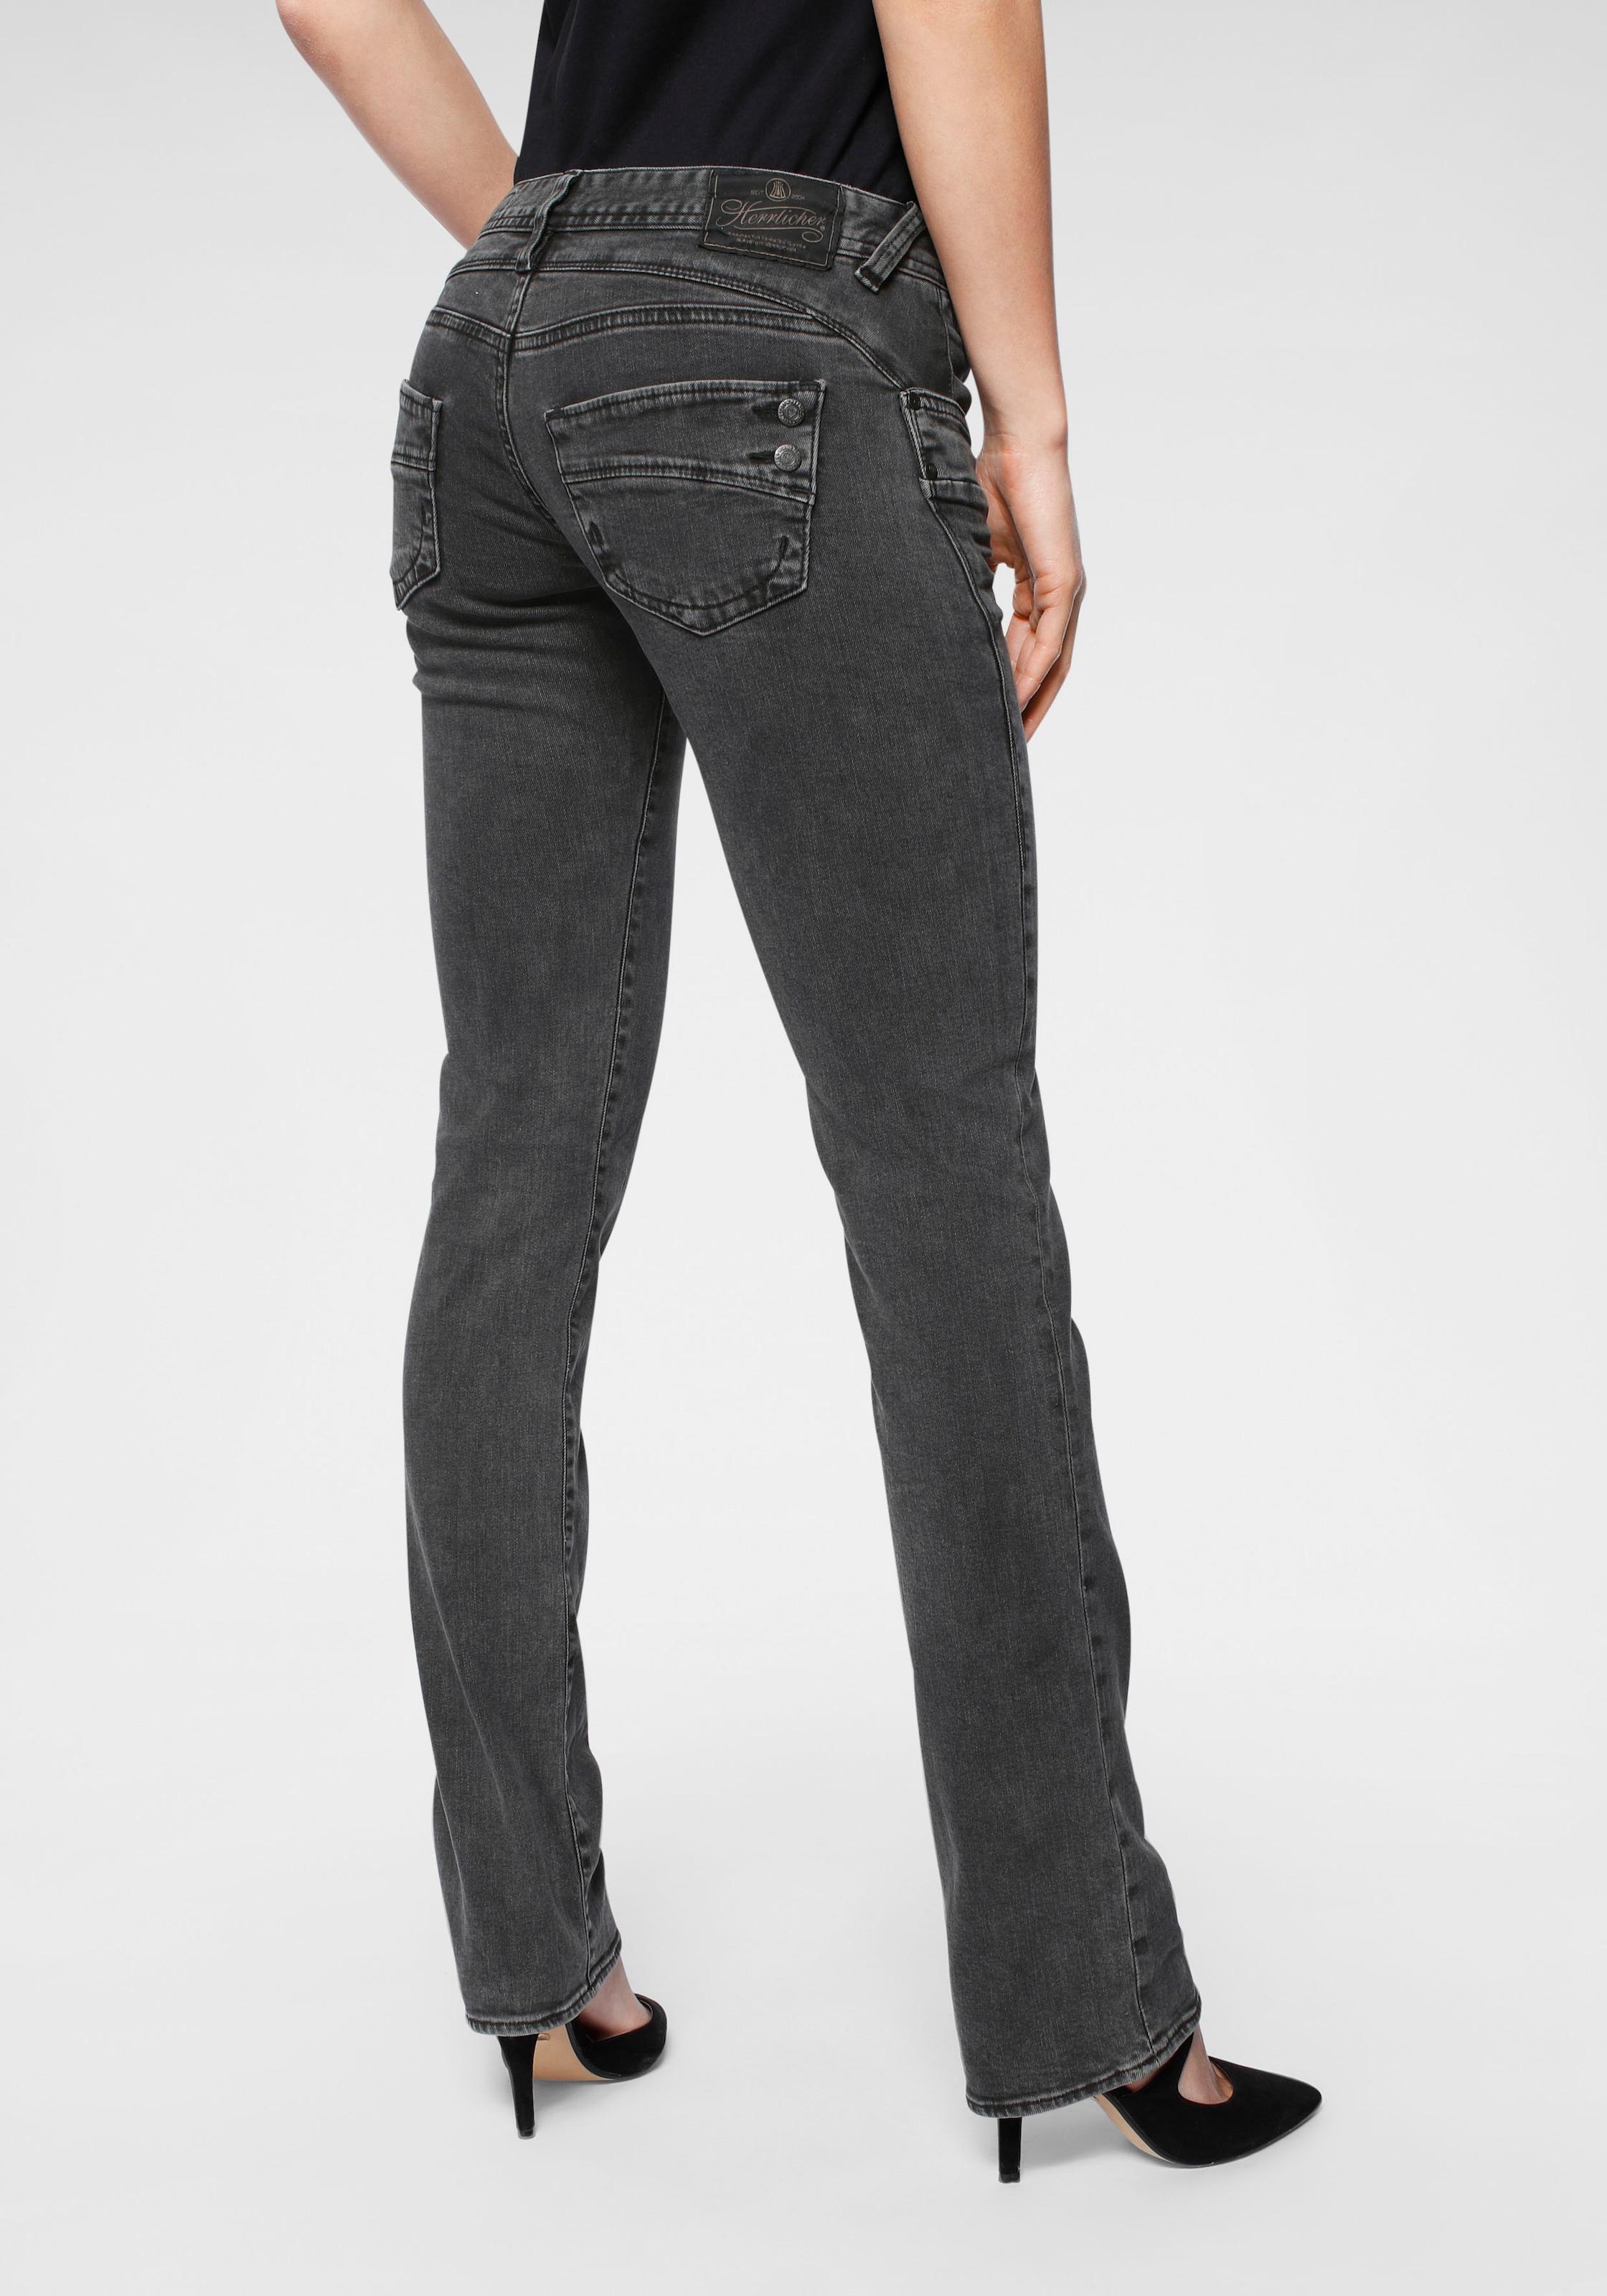 herrlicher gerade jeans piper straight black Gerade Jeans \